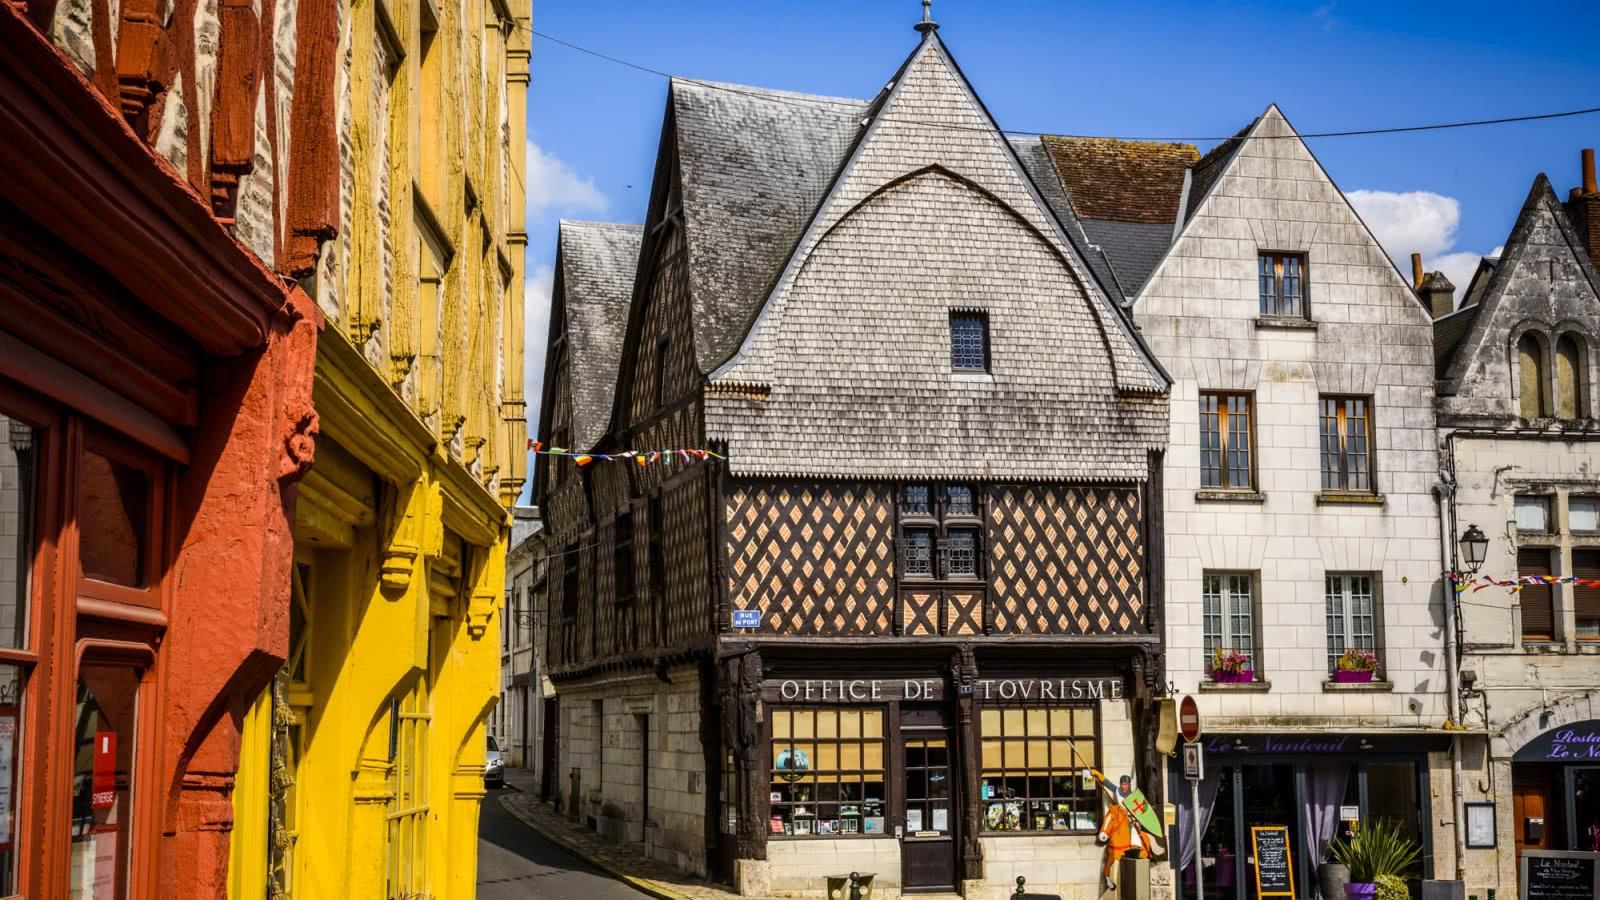 Office de Tourisme de Montrichard - Vacances en Loir-et-Cher Val de Loire